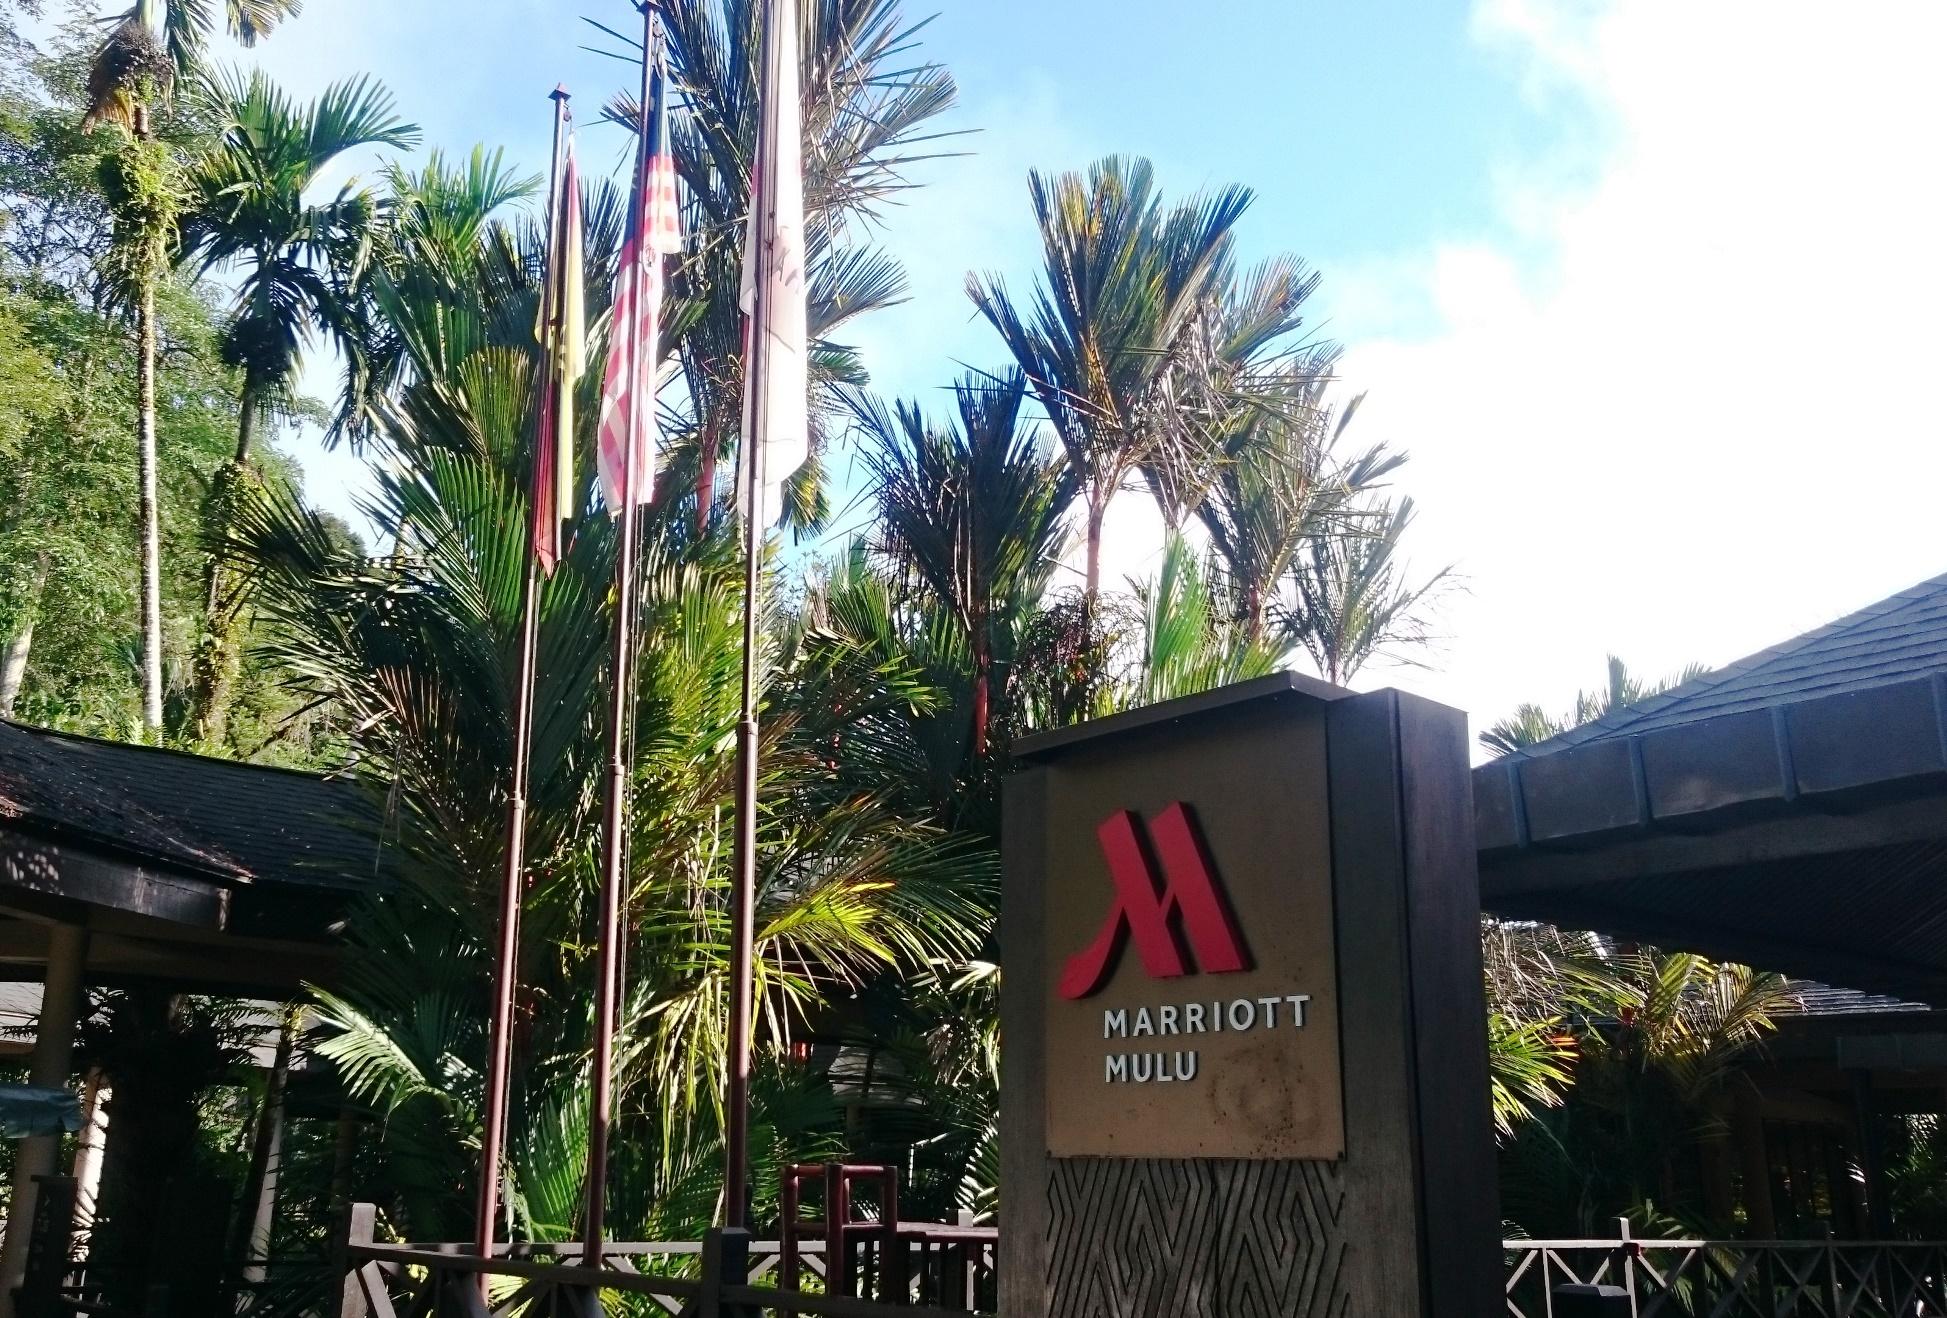 ムルでの滞在はムル・マリオット・ホテル